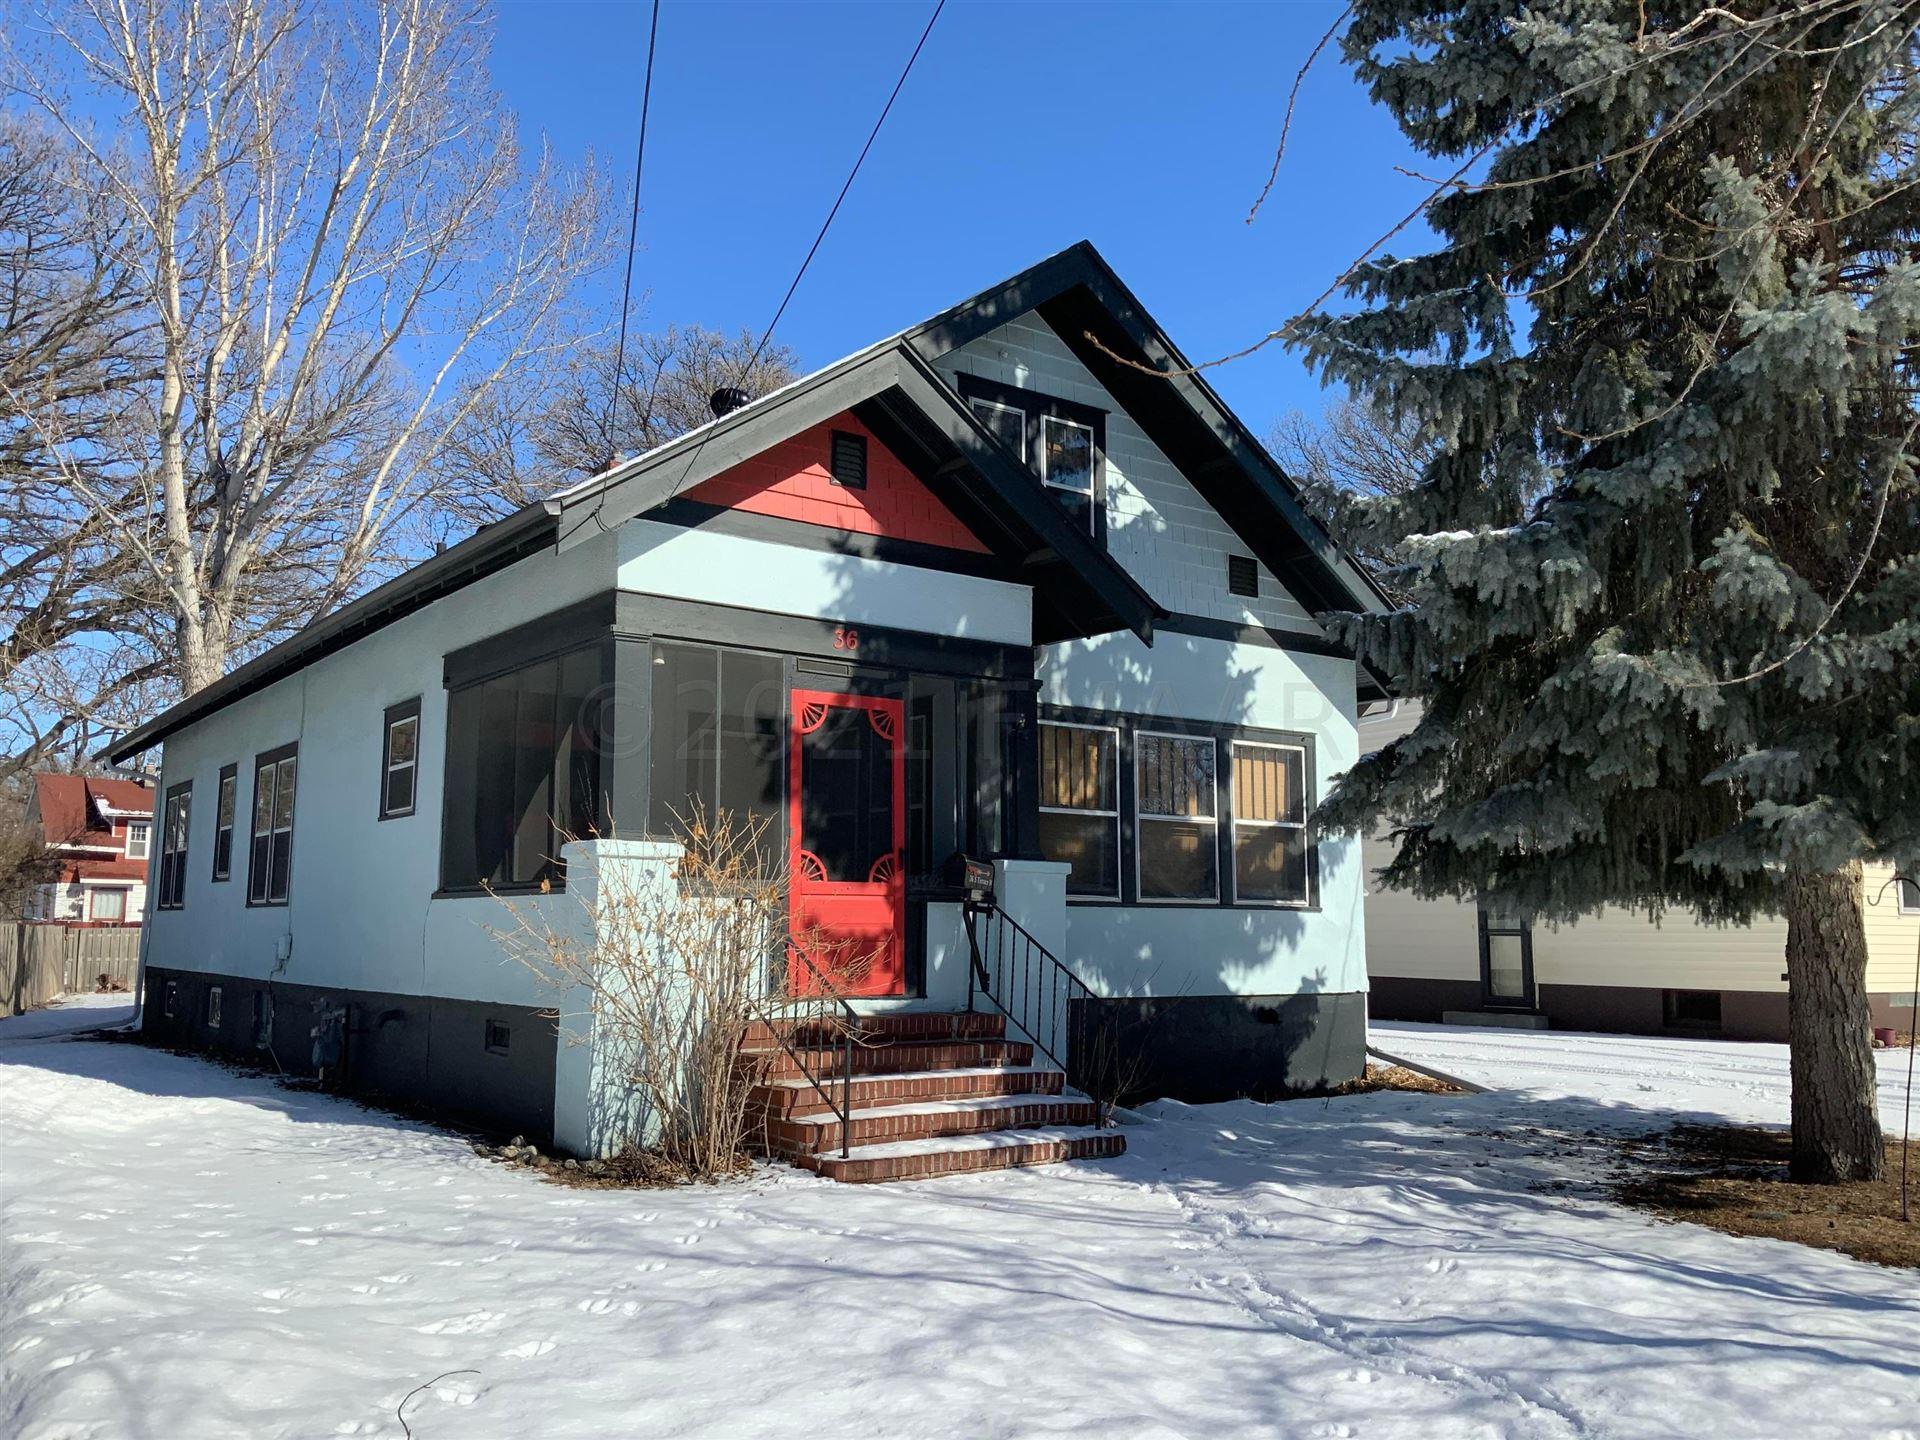 36 SOUTH TERRACE N, Fargo, ND 58102 - #: 21-826